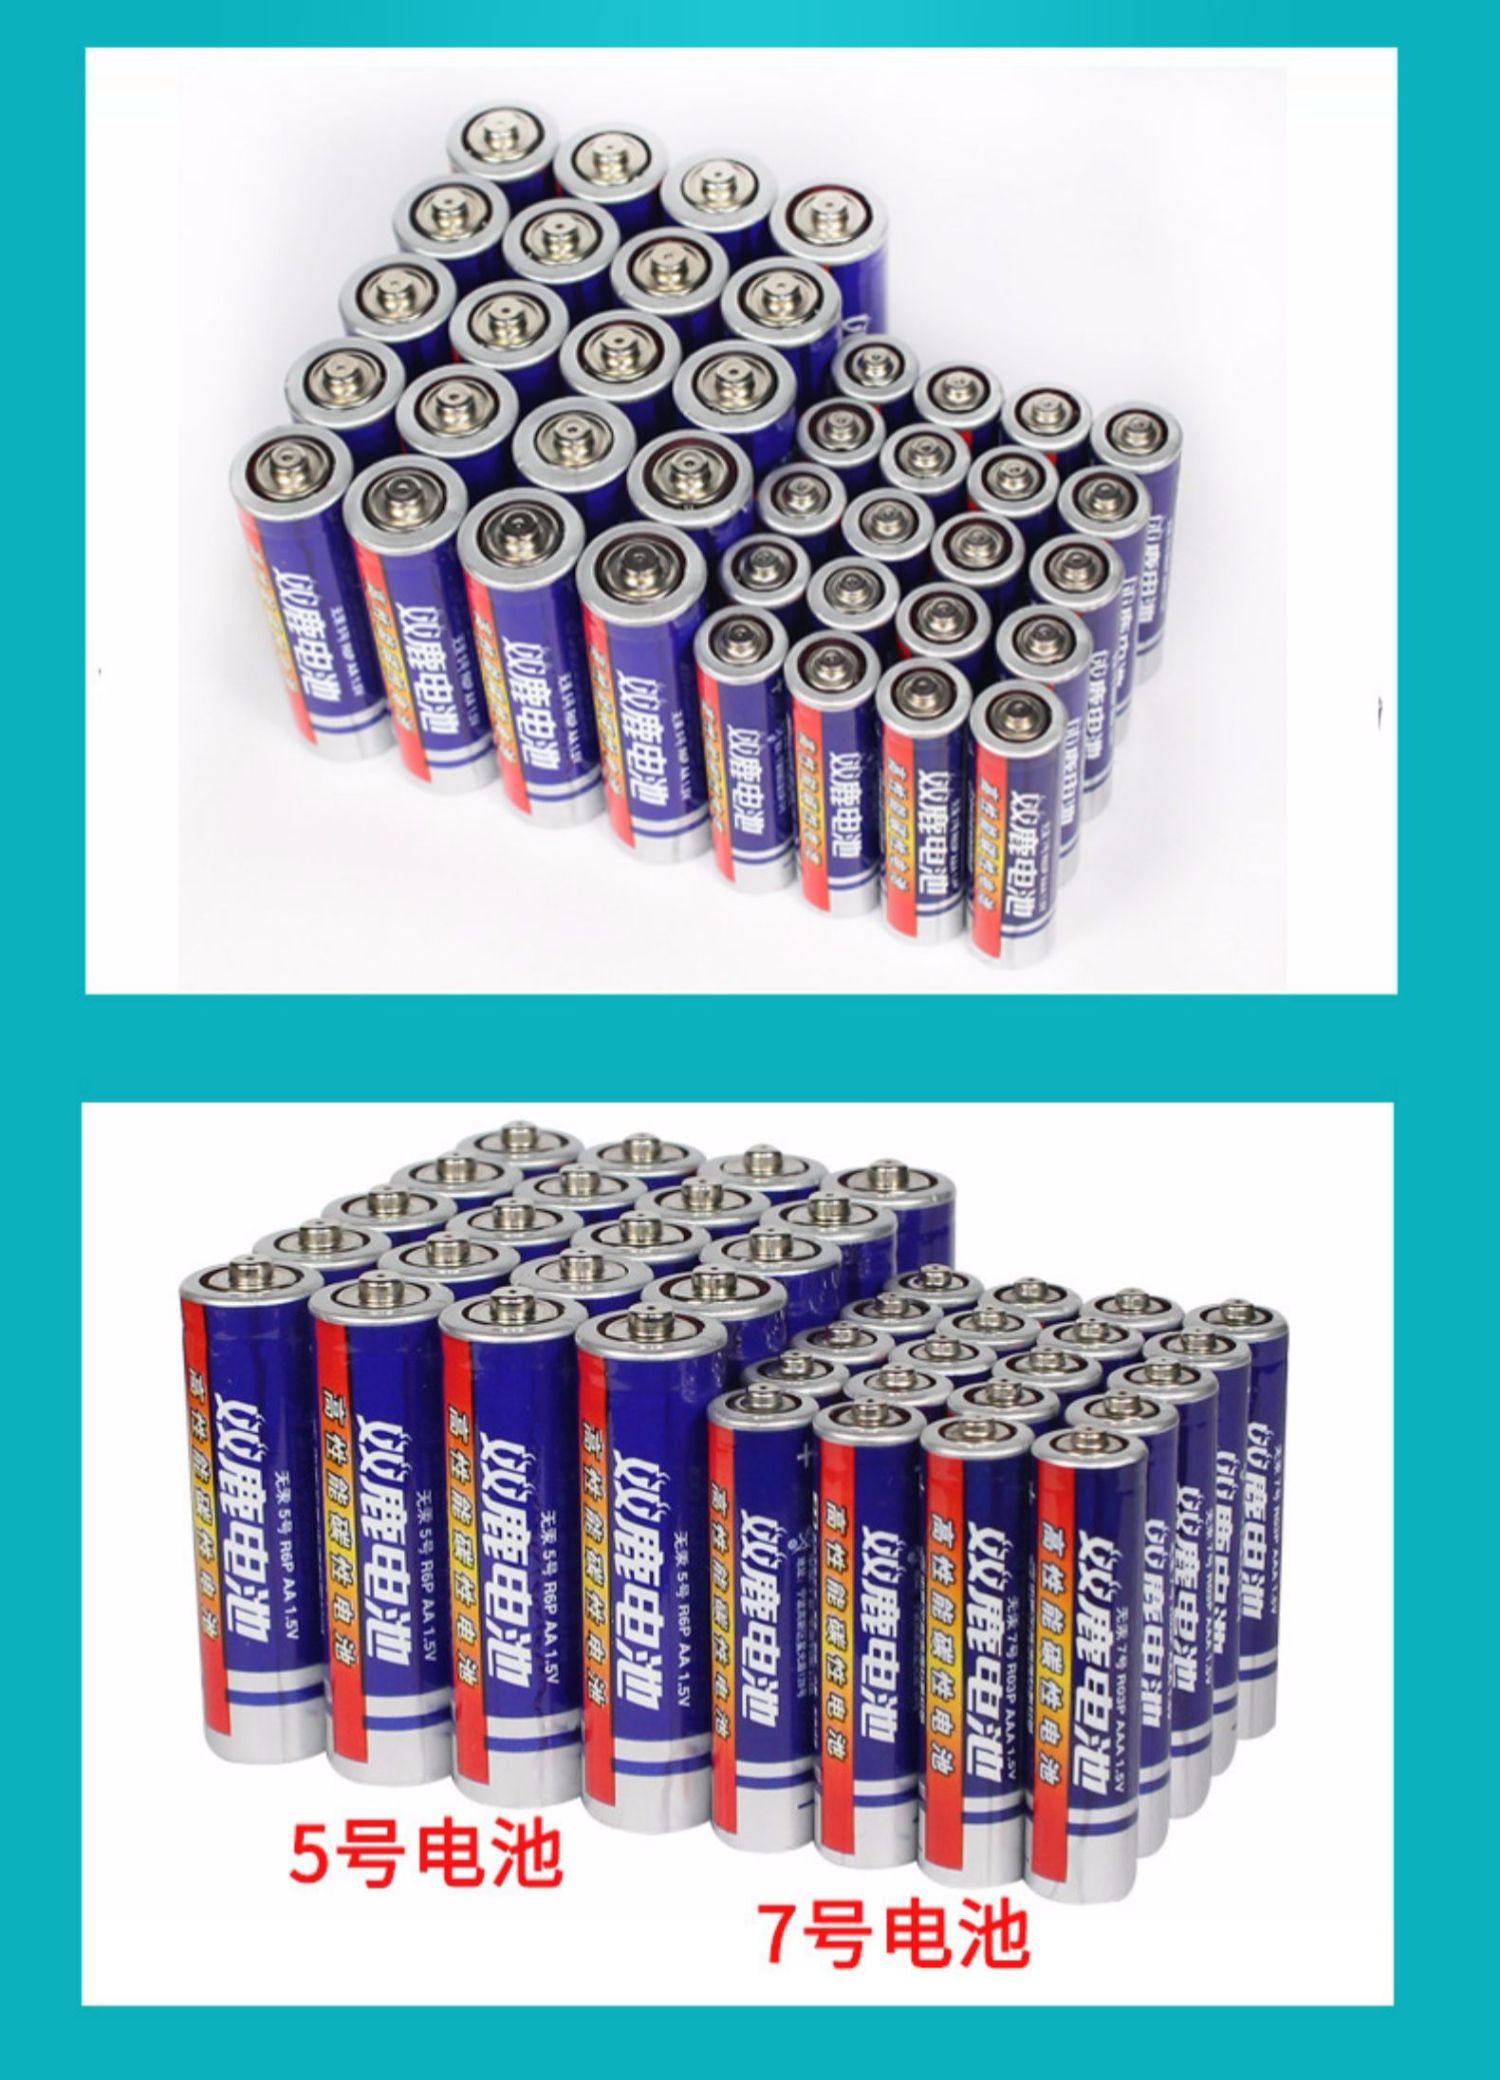 双鹿碳性五号七号干电池5号20粒+7号20节儿童玩具空调电视遥控器商品详情图